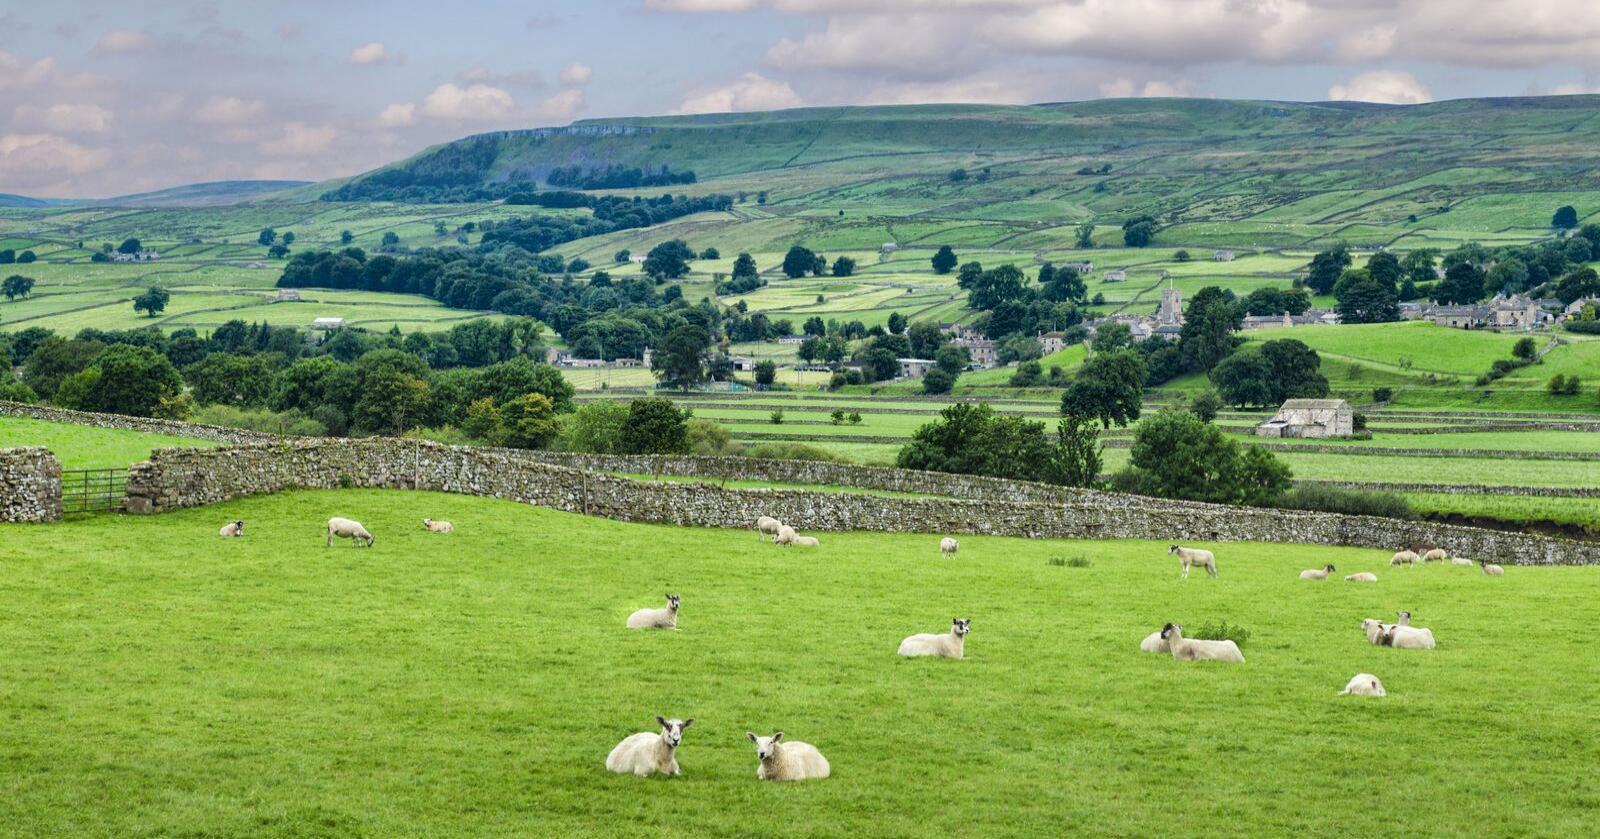 Britiske sauebønder produserer lammekjøtt enn noen andre i Europa, og eksporterer en betydelig del av det. Bondelaget frykter britene vil se til Norge, om de mister markedsadgang i EU. Dette bildet er fra Wensleydale i North Yorkshire. (Foto: Shutterstock)